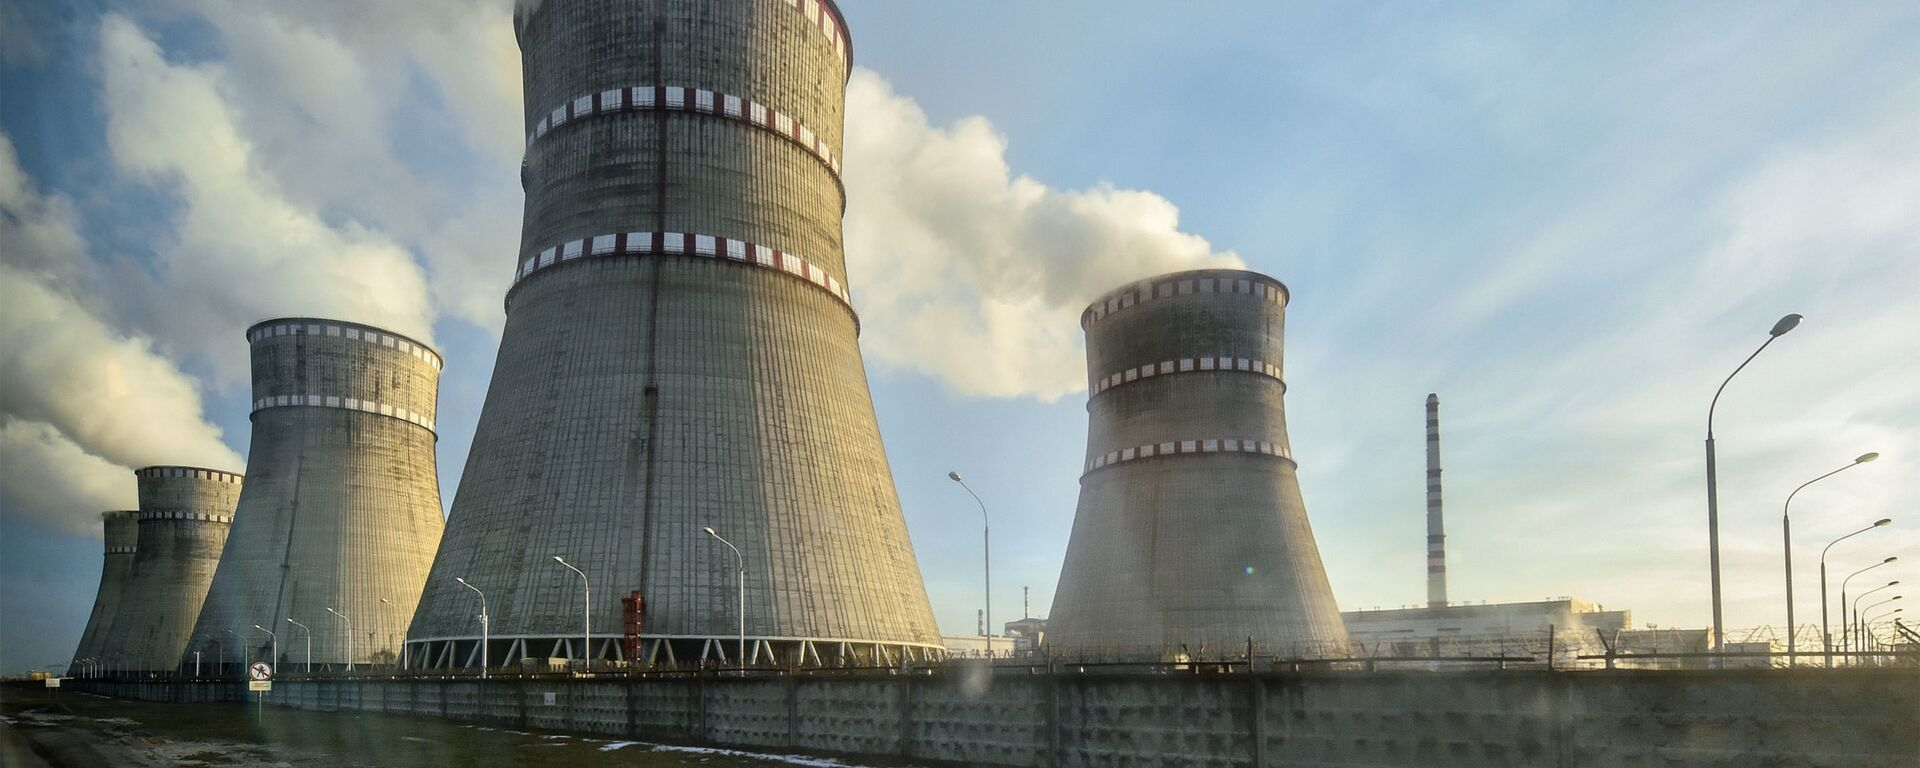 Rovenskaya atomnaya elektrostantsiya v Kuznetsovske, Ukraina - Sputnik Oʻzbekiston, 1920, 06.01.2021